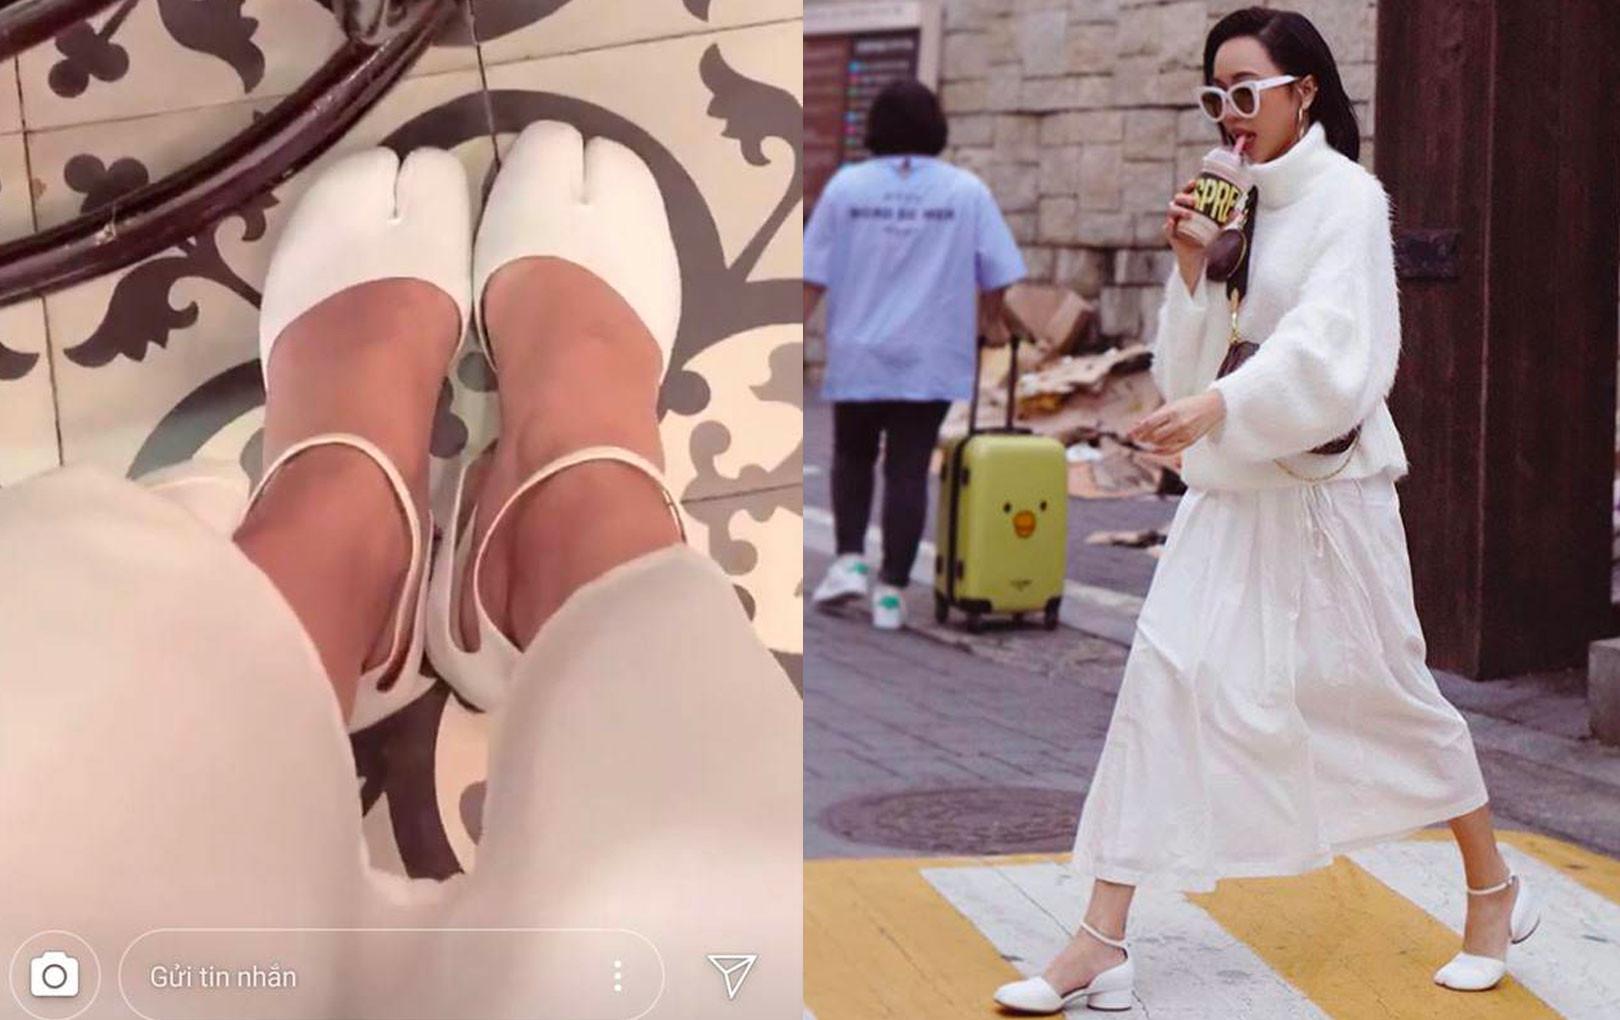 """Sành điệu vượt cả Ngọc Trinh, Diệu Nhi là mỹ nhân Vbiz đầu tiên sở hữu """"giày móng heo"""" đang hot tại Hàn Quốc"""